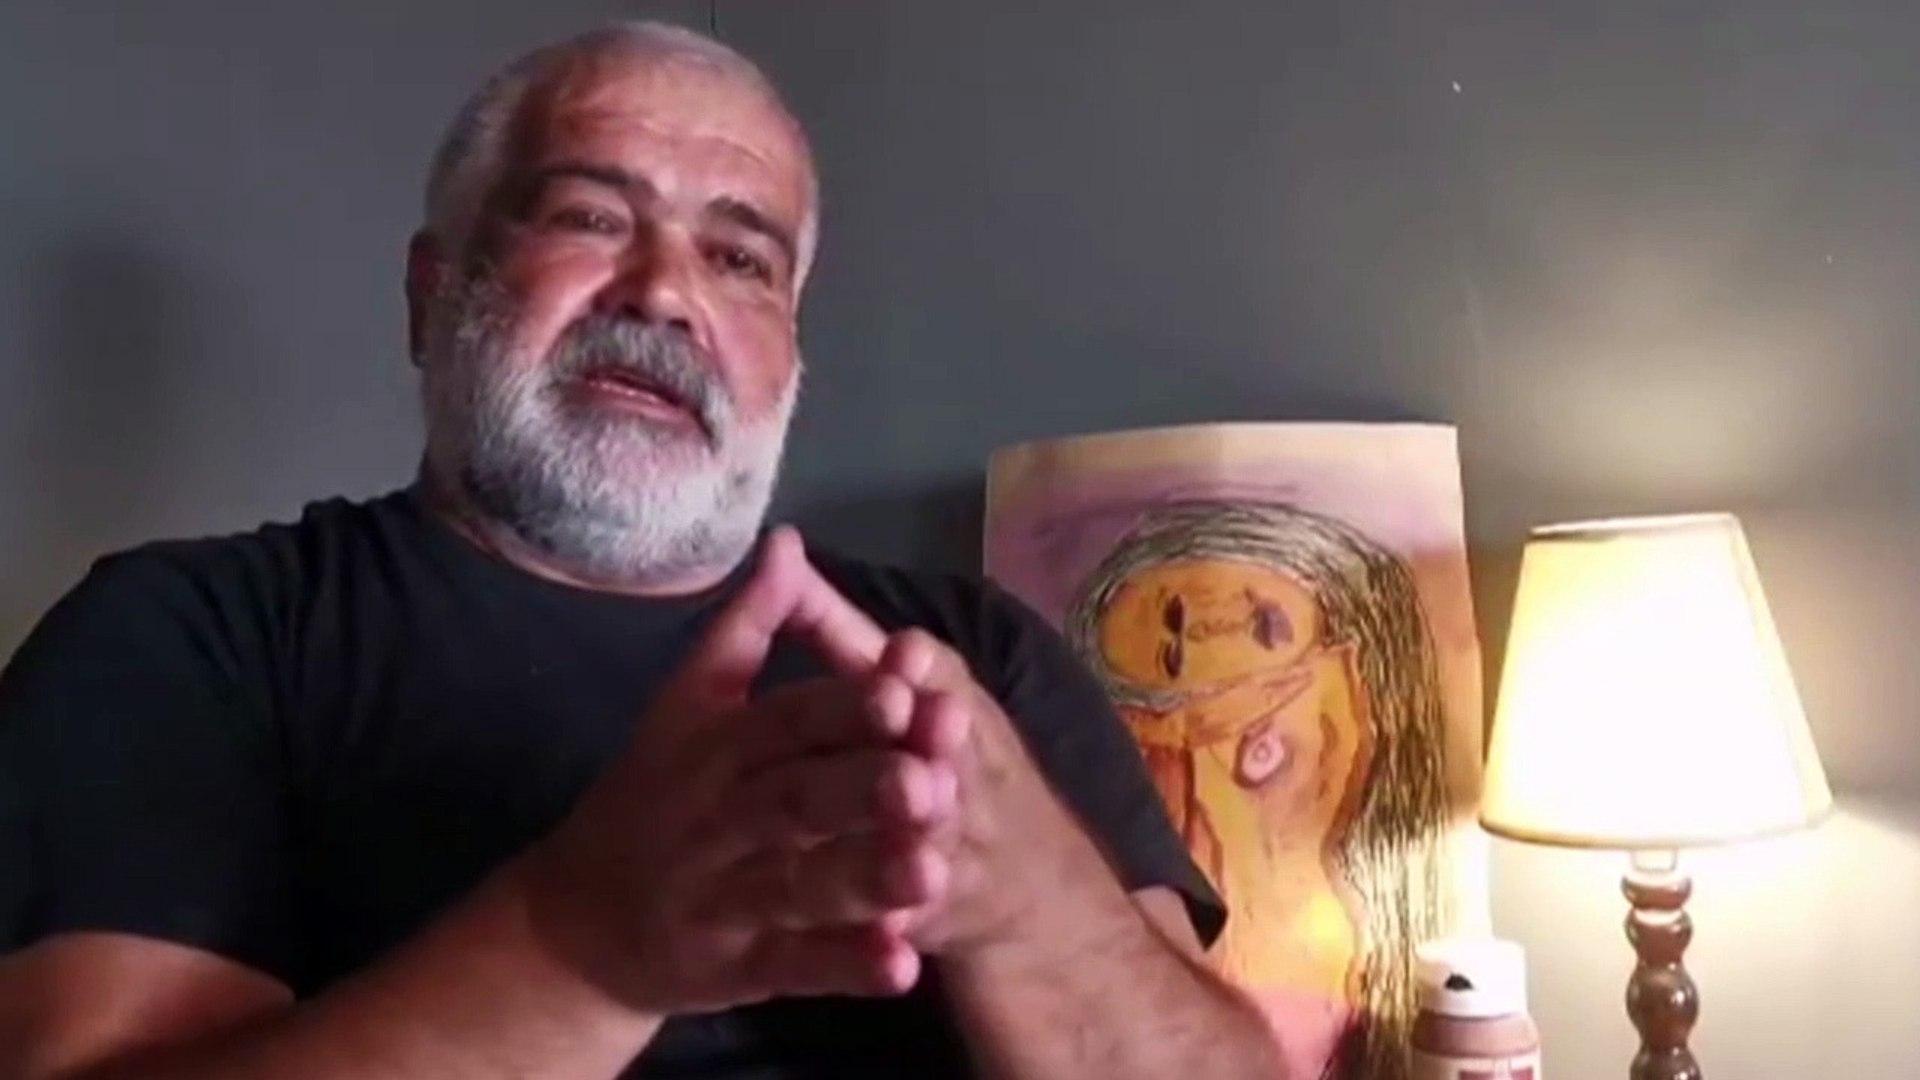 الروائي السوري خالد خليفة يتحدث عن العالم بعد كورونا